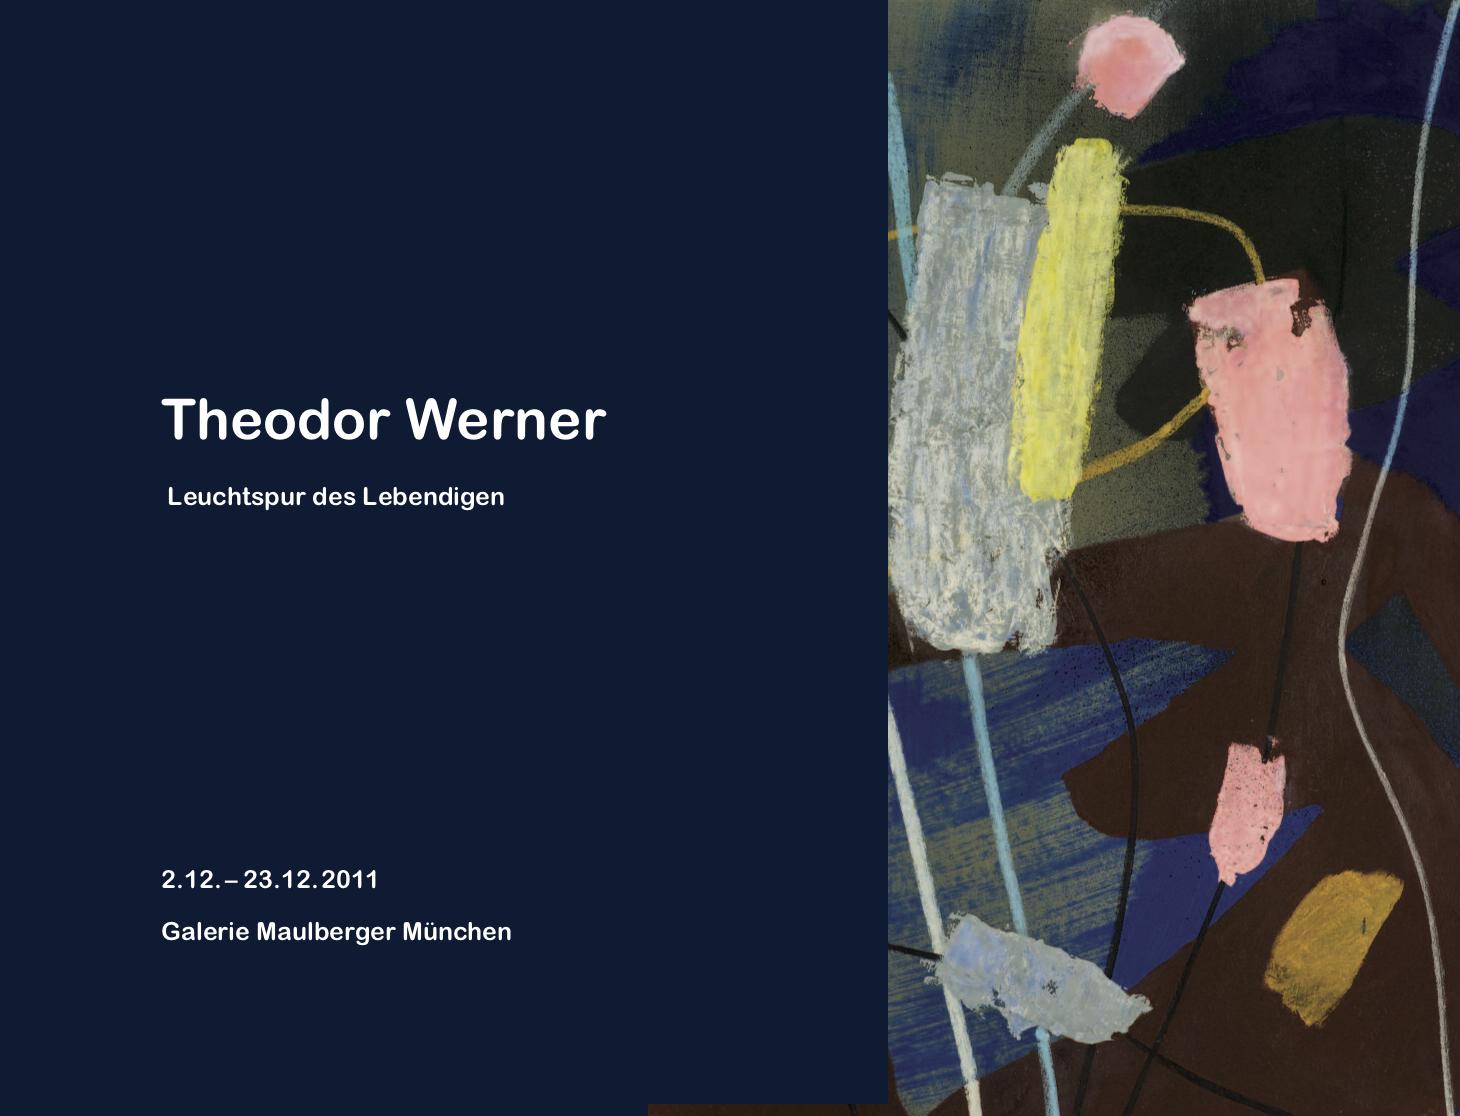 Einladungskarte Ausstellung Theodor Werner 2011 Galerie Maulberger 01